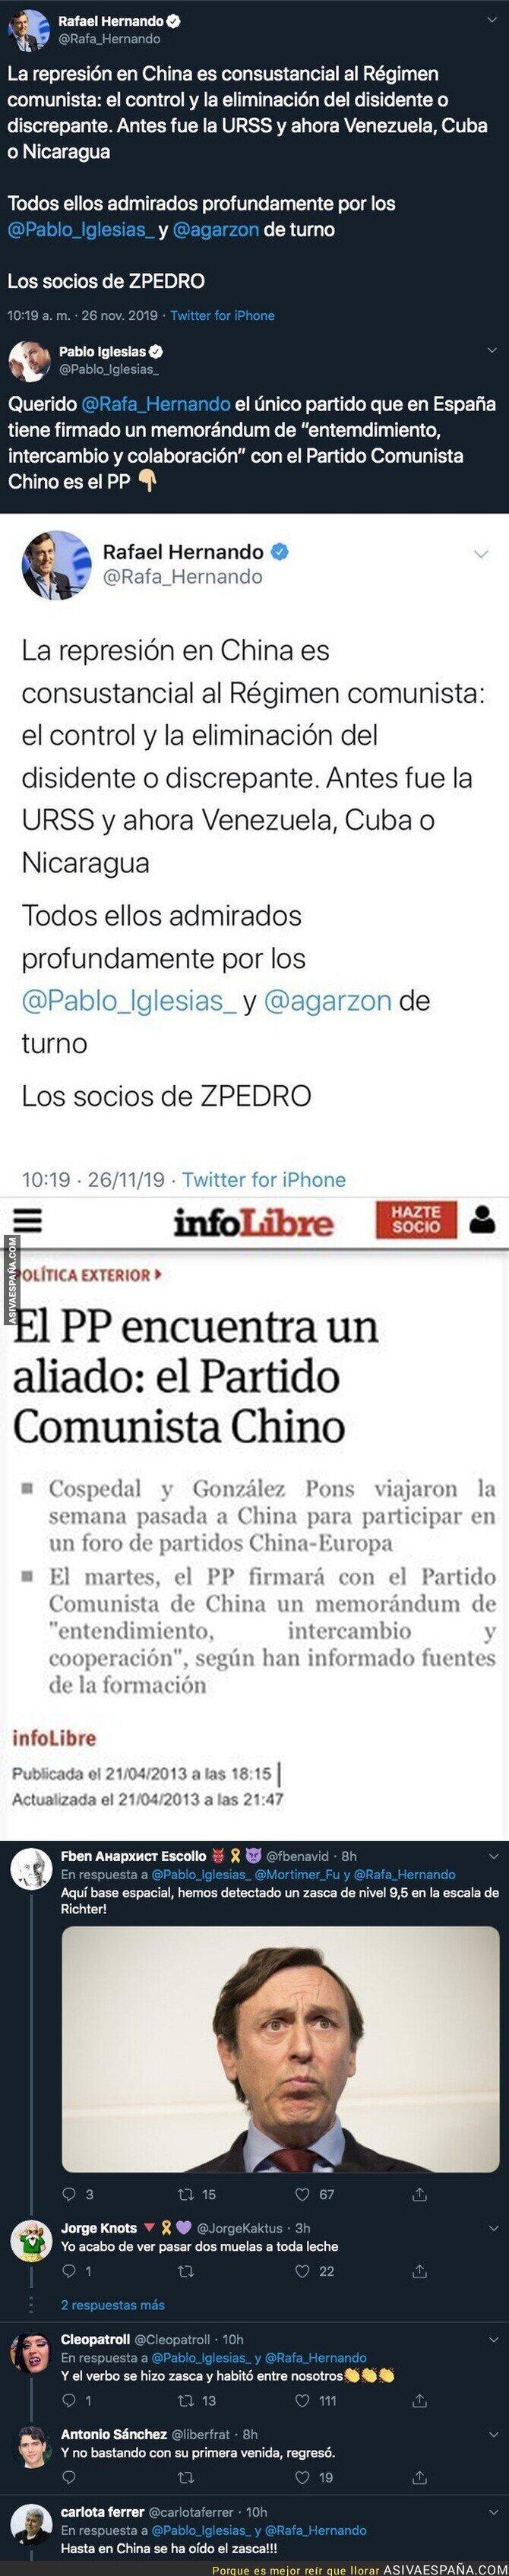 128414 - Rafael Hernando dice que la represión en China es admirada por Pablo Iglesias y el de Podemos le da un hachazo descomunal